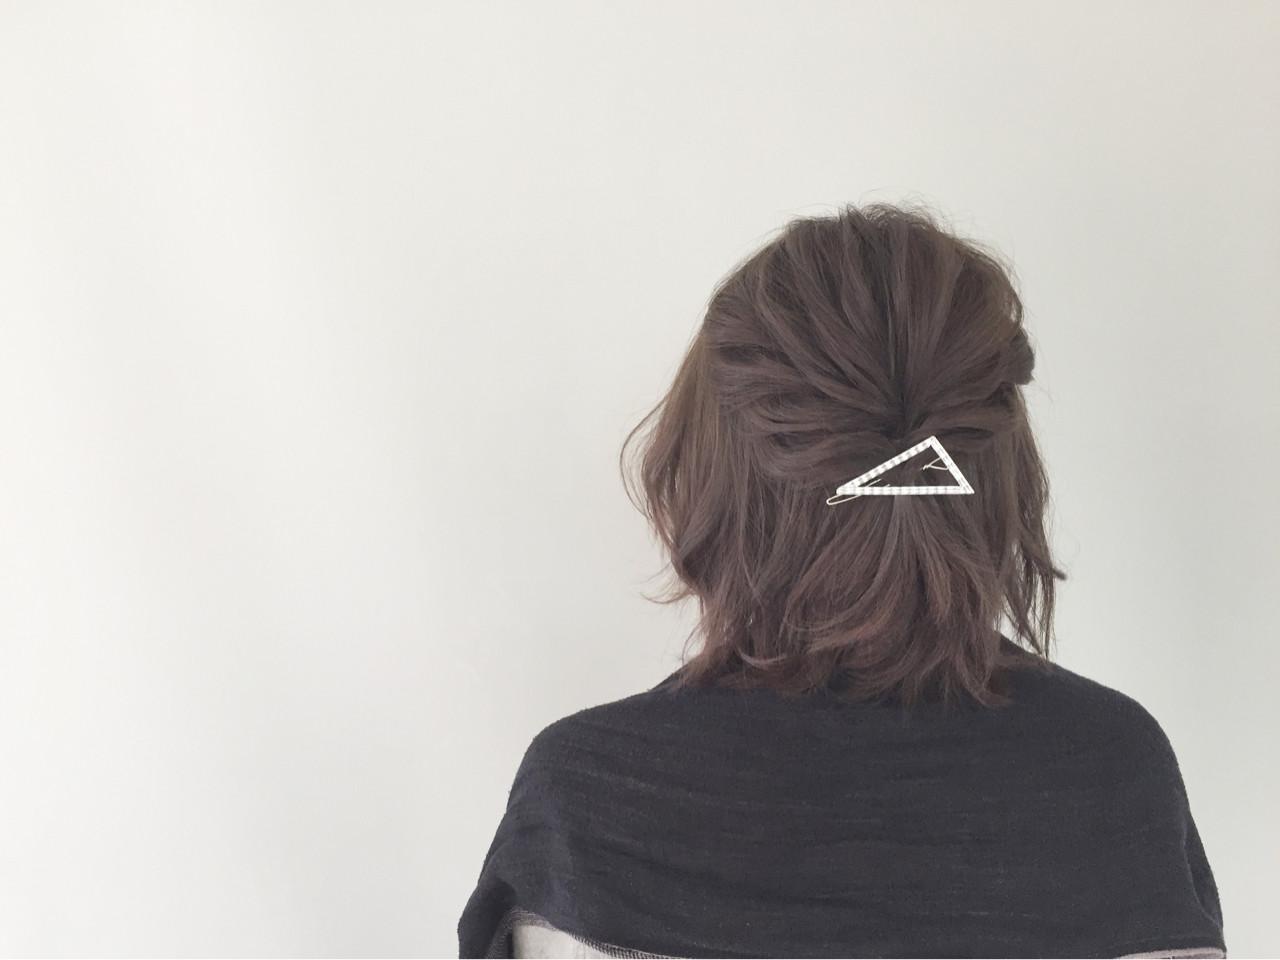 ボブ ショート 簡単ヘアアレンジ 色気 ヘアスタイルや髪型の写真・画像 | 新谷 朋宏 / Free hairstylist shinya